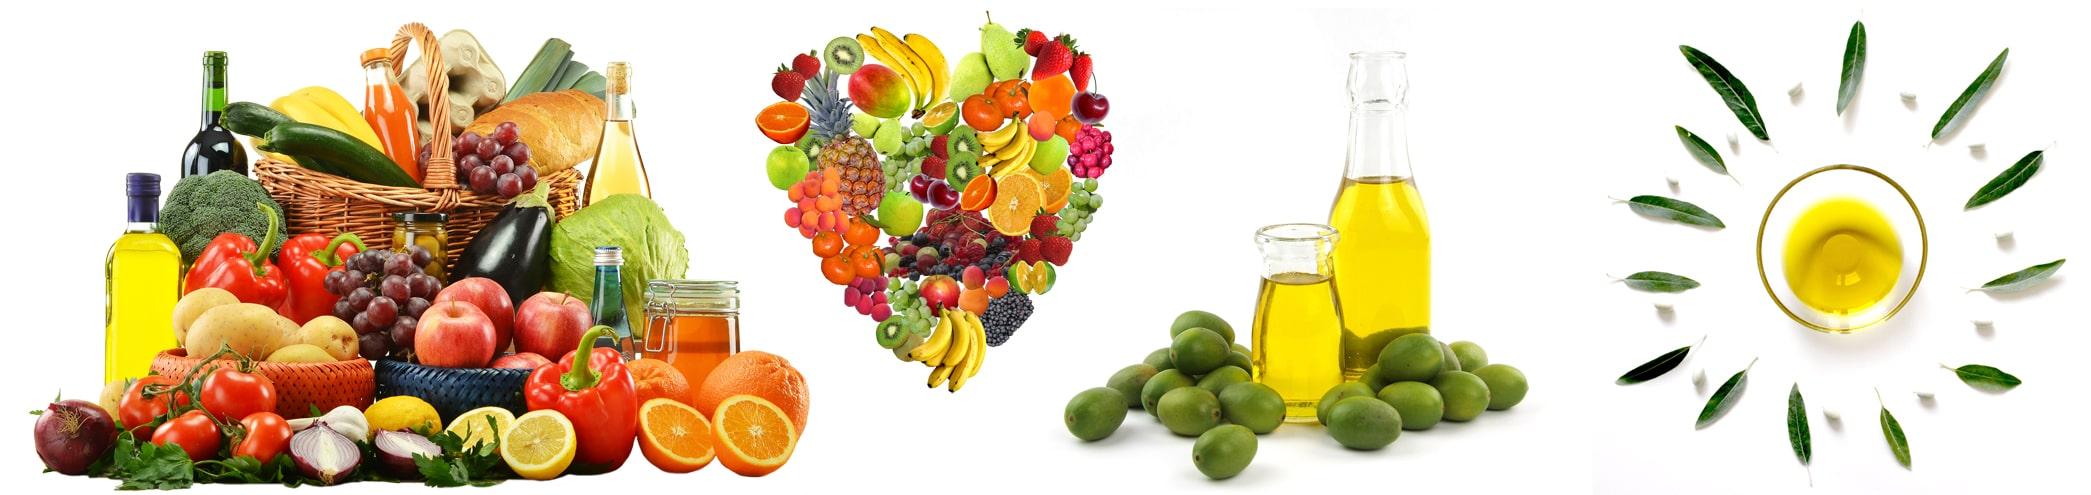 Ernährung - Gesundes Essen und Trinken so setzen Sie es um.